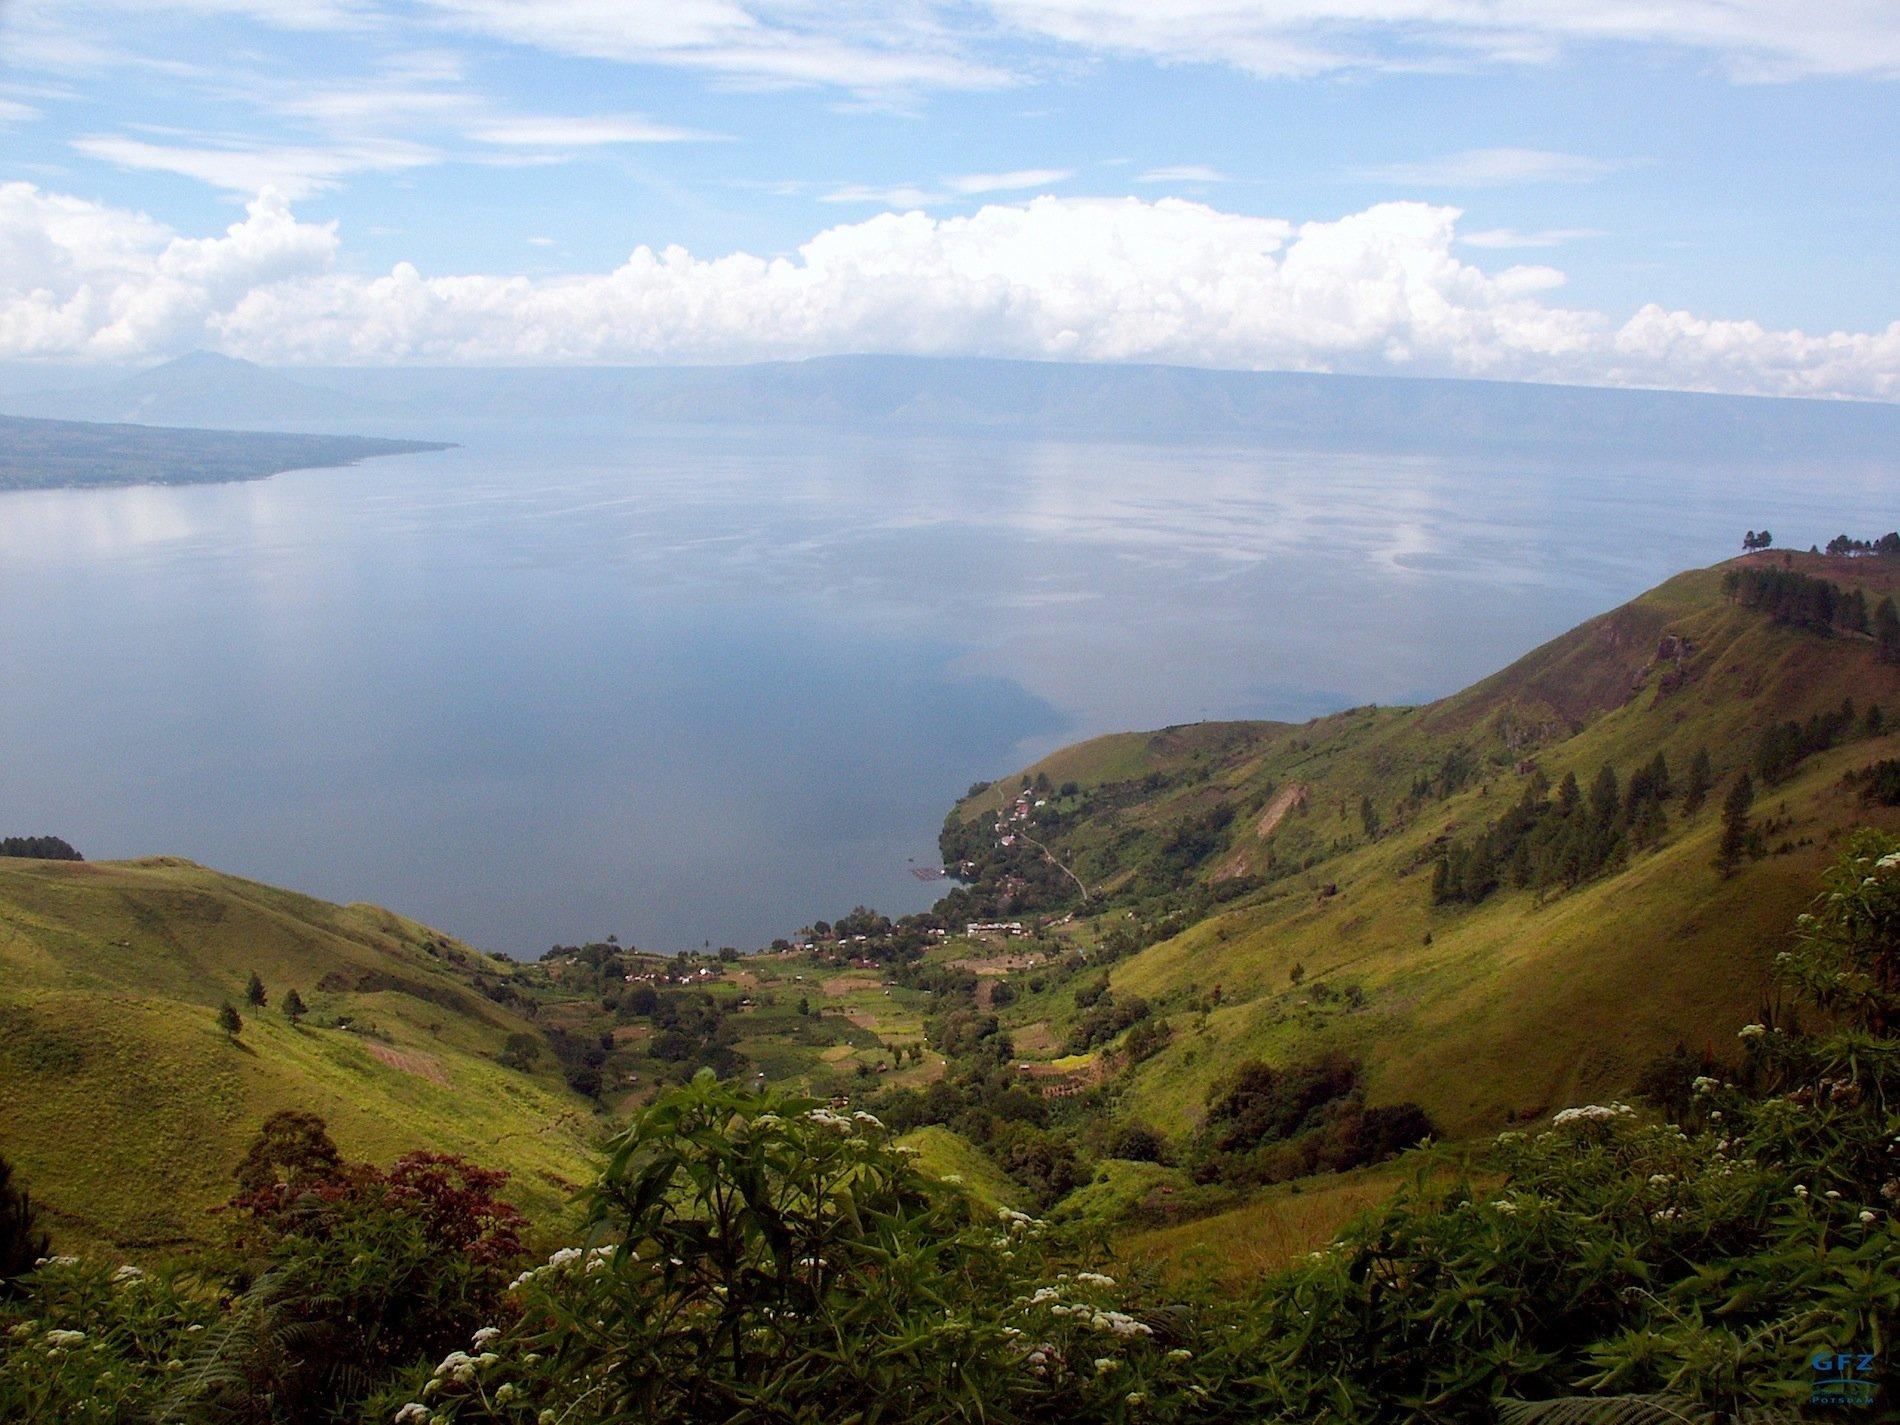 Blick vom Kraterrand auf die Toba-Caldera auf der indonesischen Insel Sumatra. Der See ist 87 Kilometer lang und entstand beim Ausbruch des Super-Vulkans Toba.